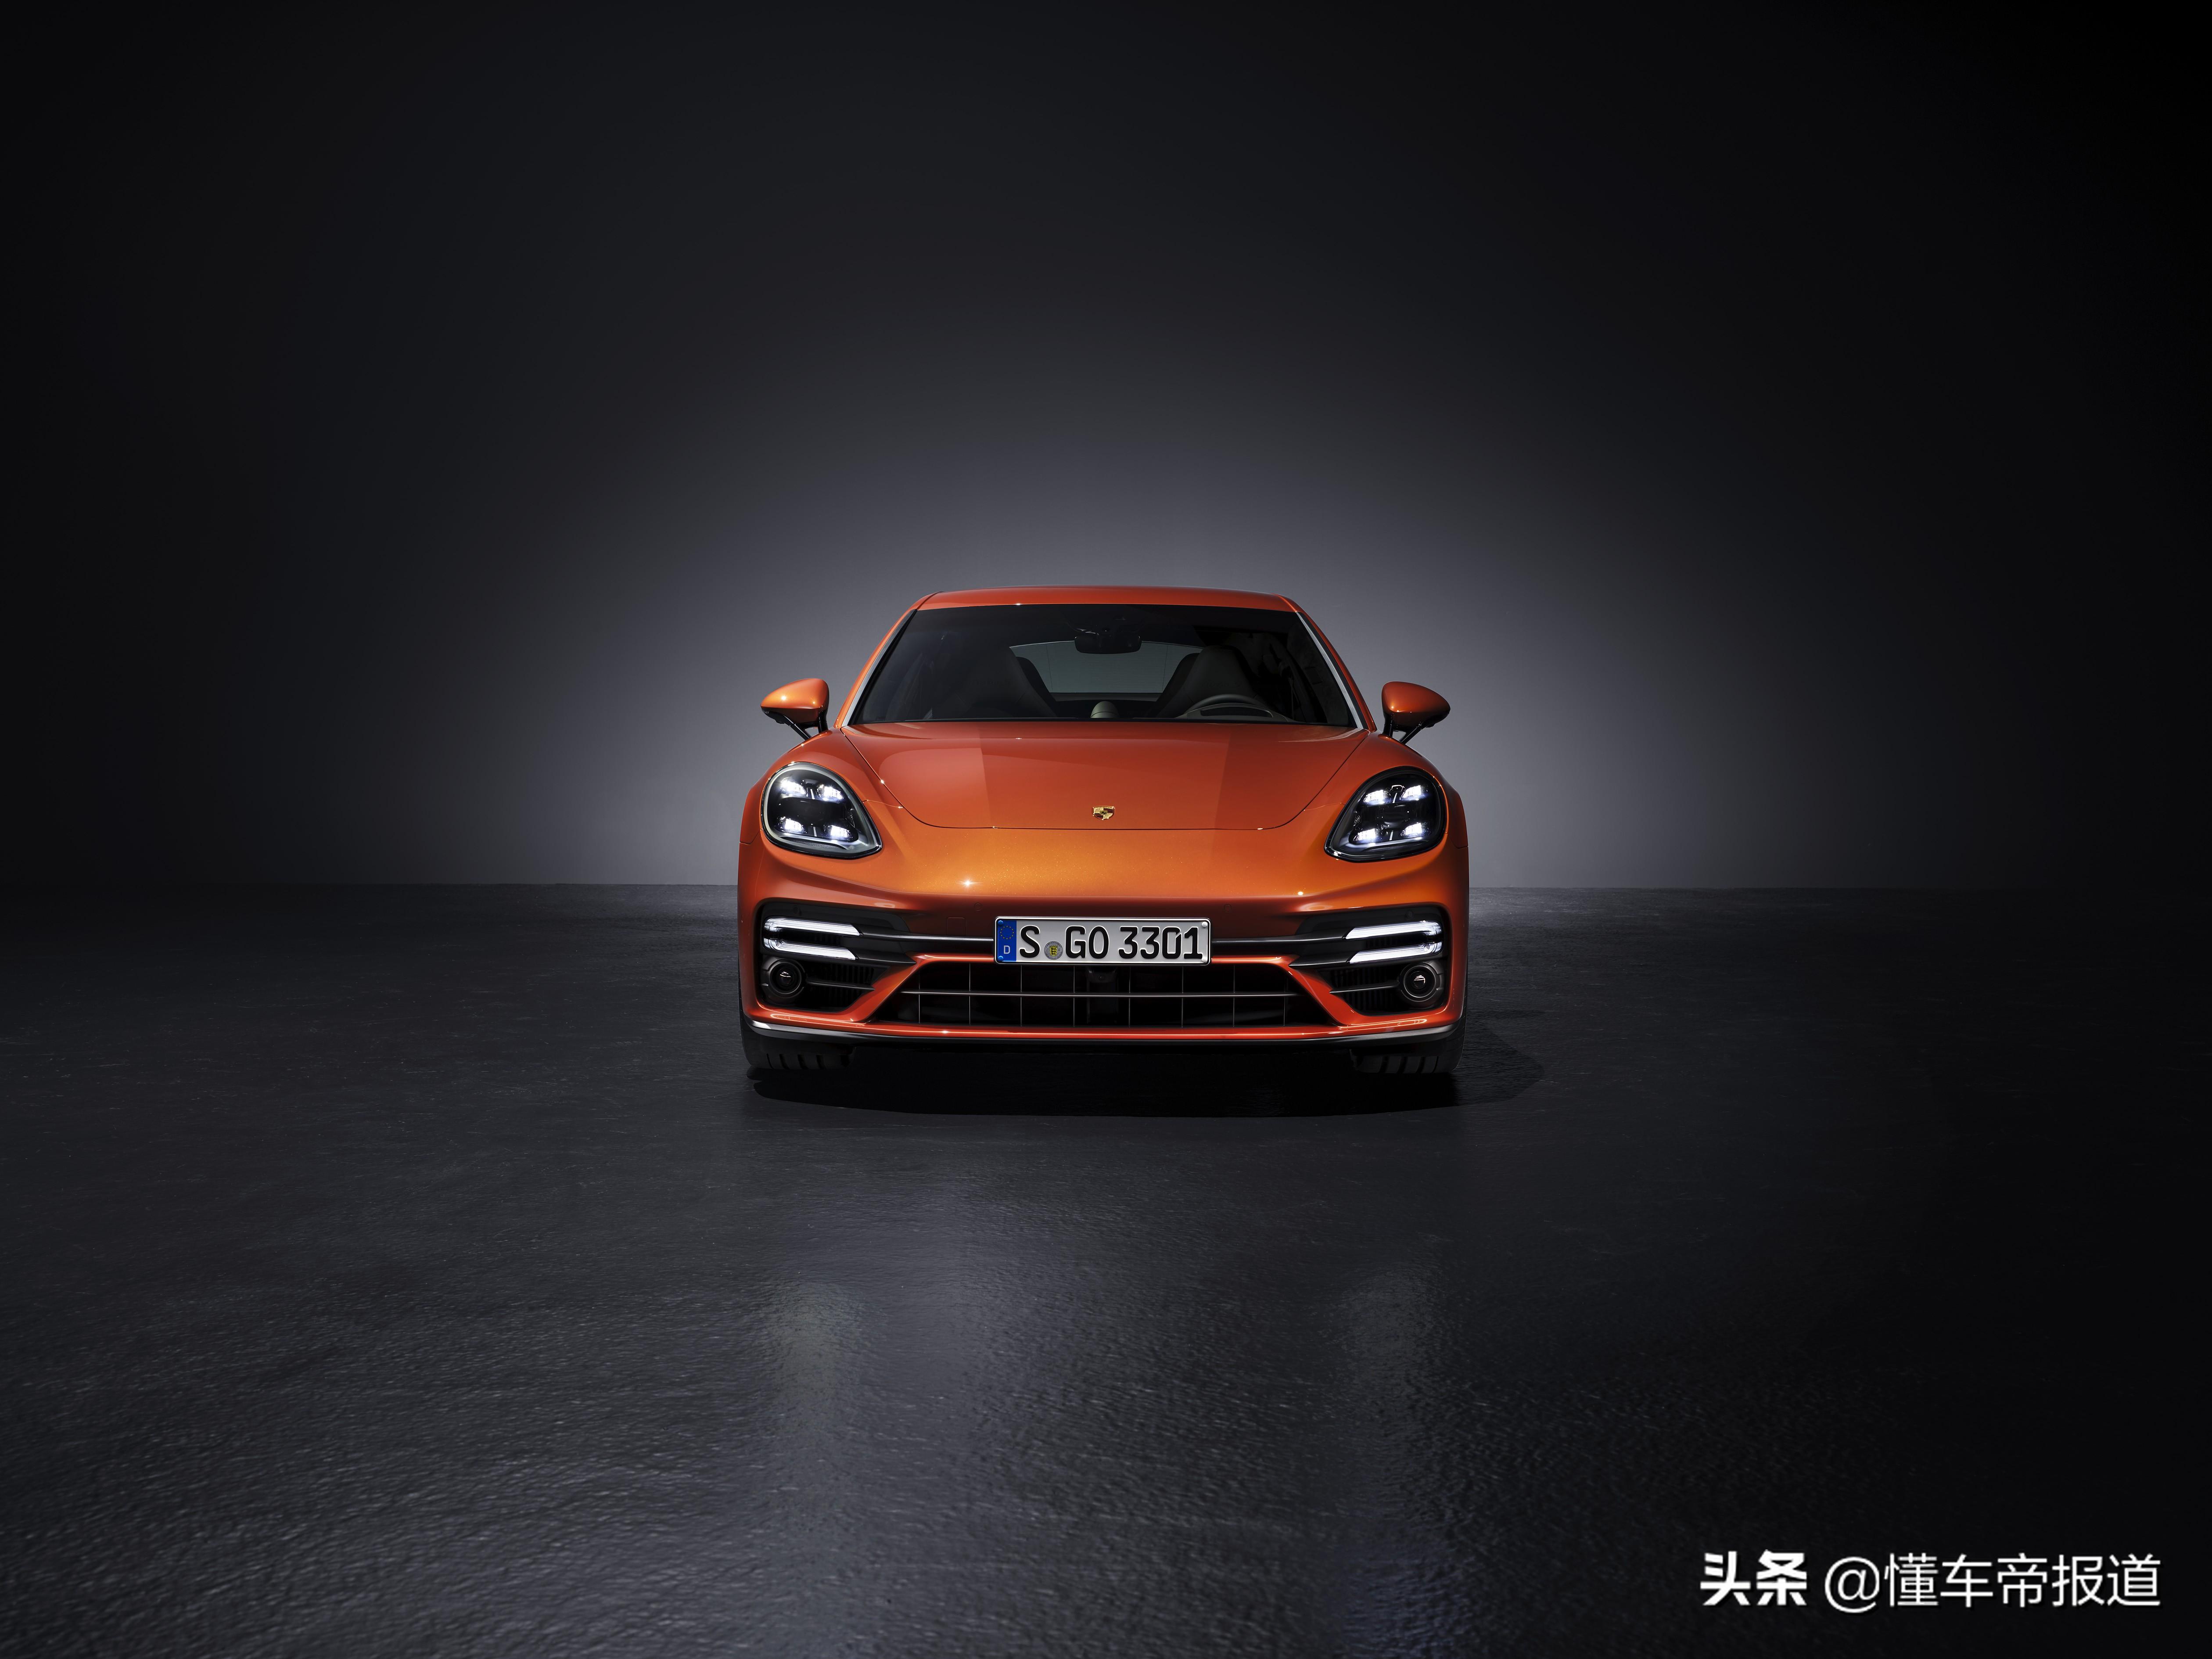 新车 | 售97.30万元起 保时捷新款Panamera预售